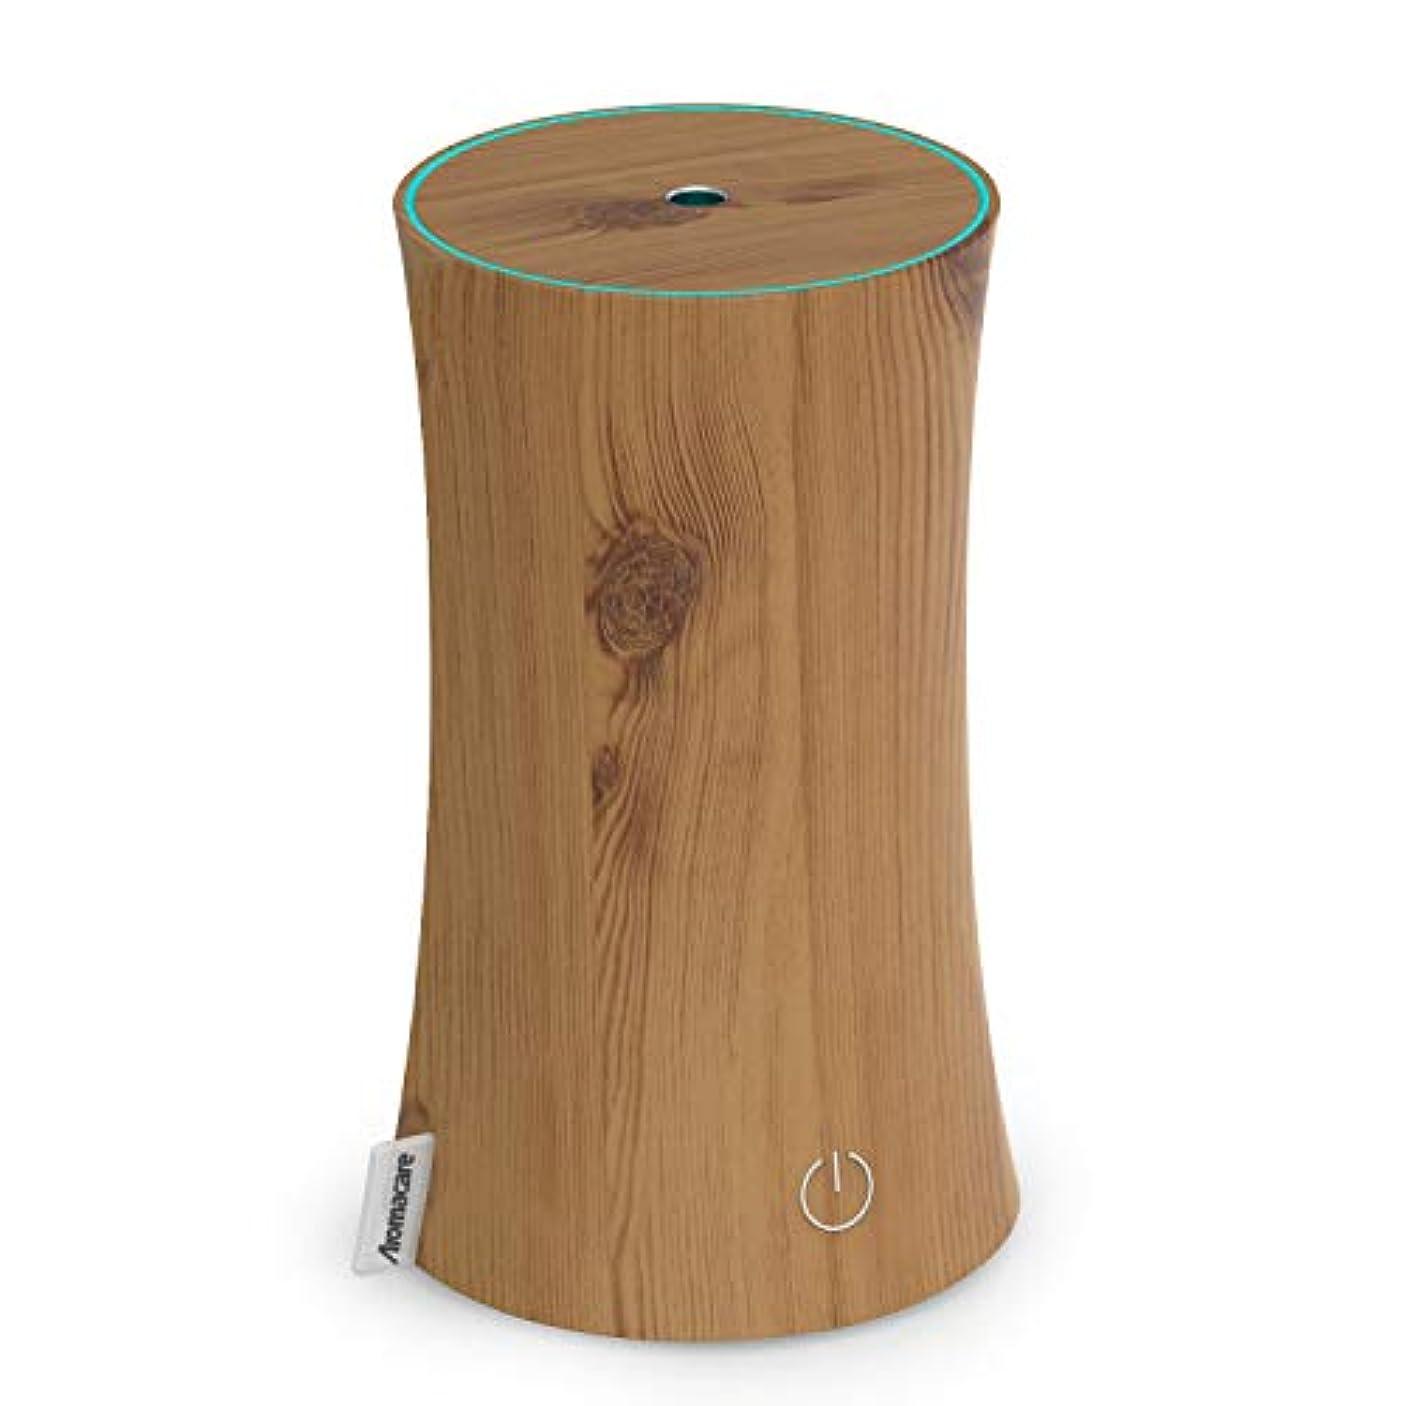 長々と太陽左アロマディフューザー 卓上加湿器 センサー付き 超音波式 空焚き防止 低騒音 300ml 連続運転 各場所用 省エネ 木目調 木の色